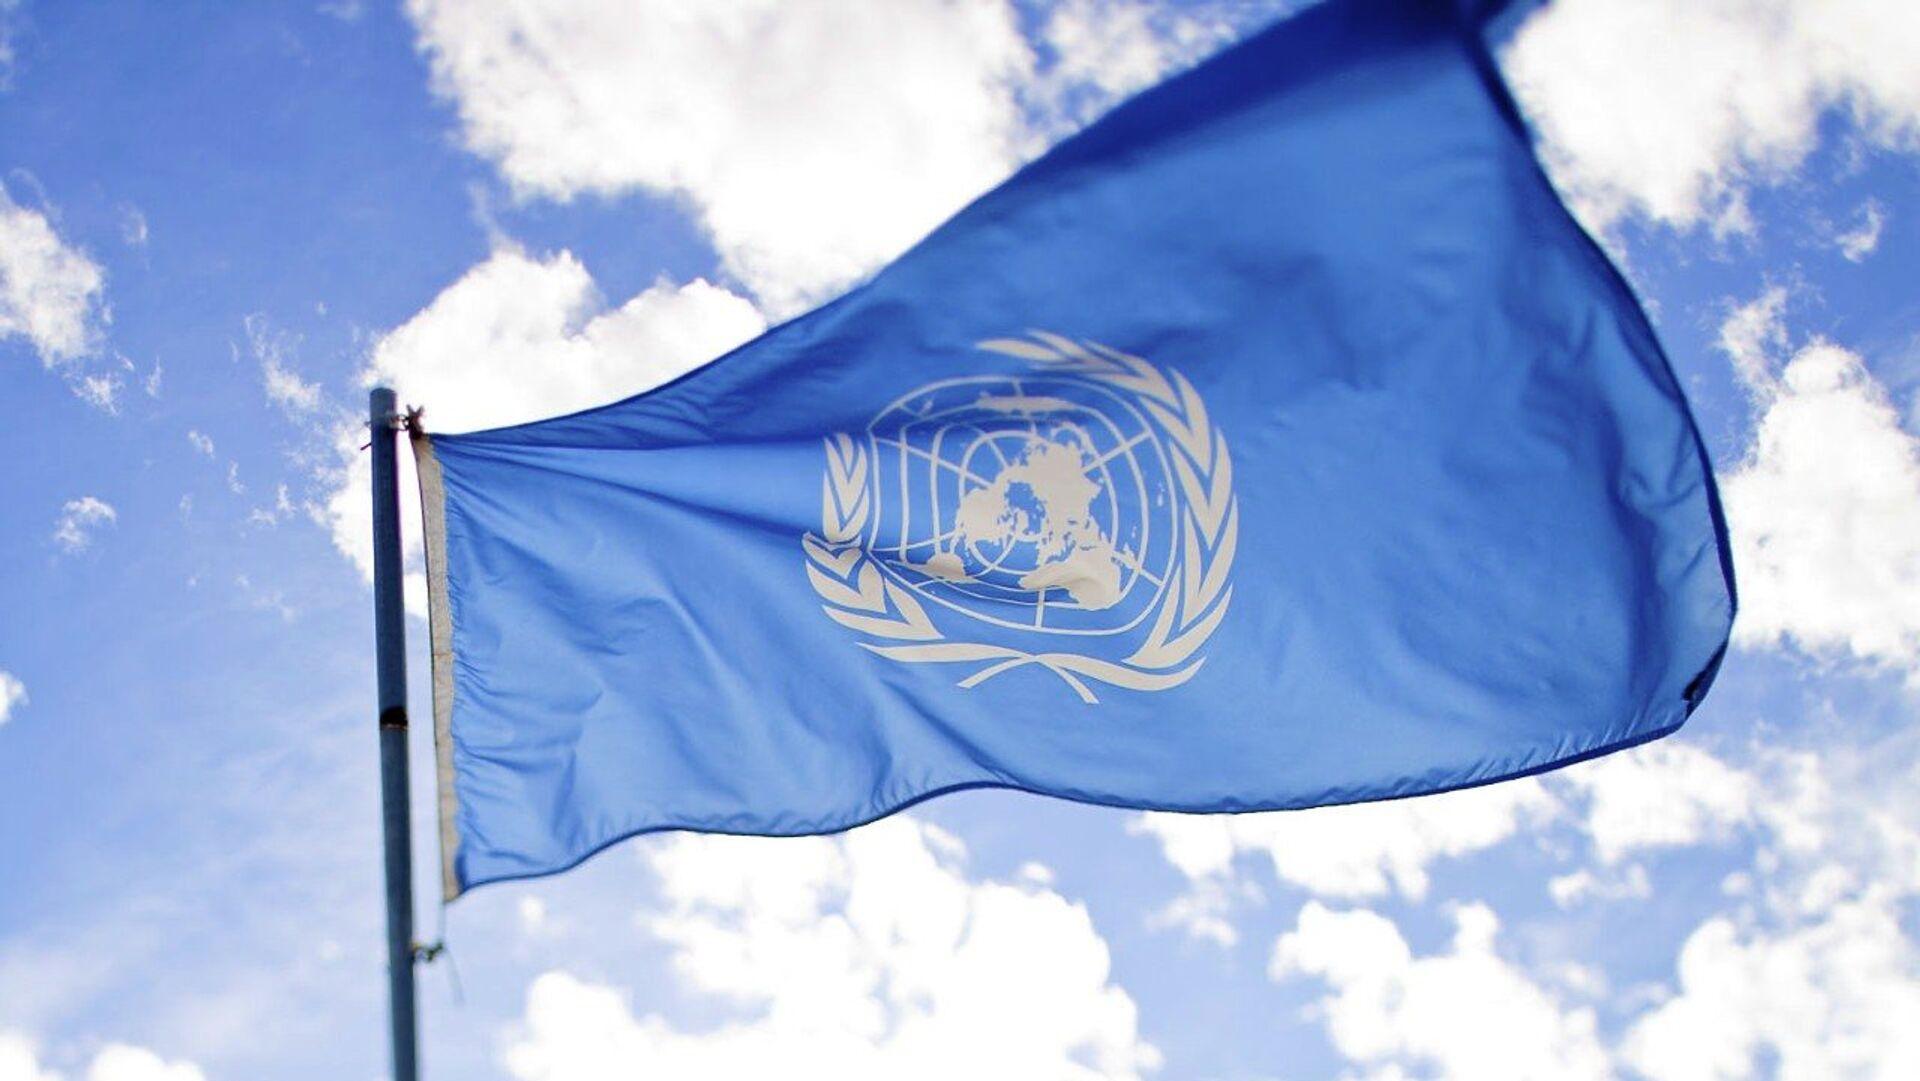 La bandera de la ONU - Sputnik Mundo, 1920, 26.02.2021